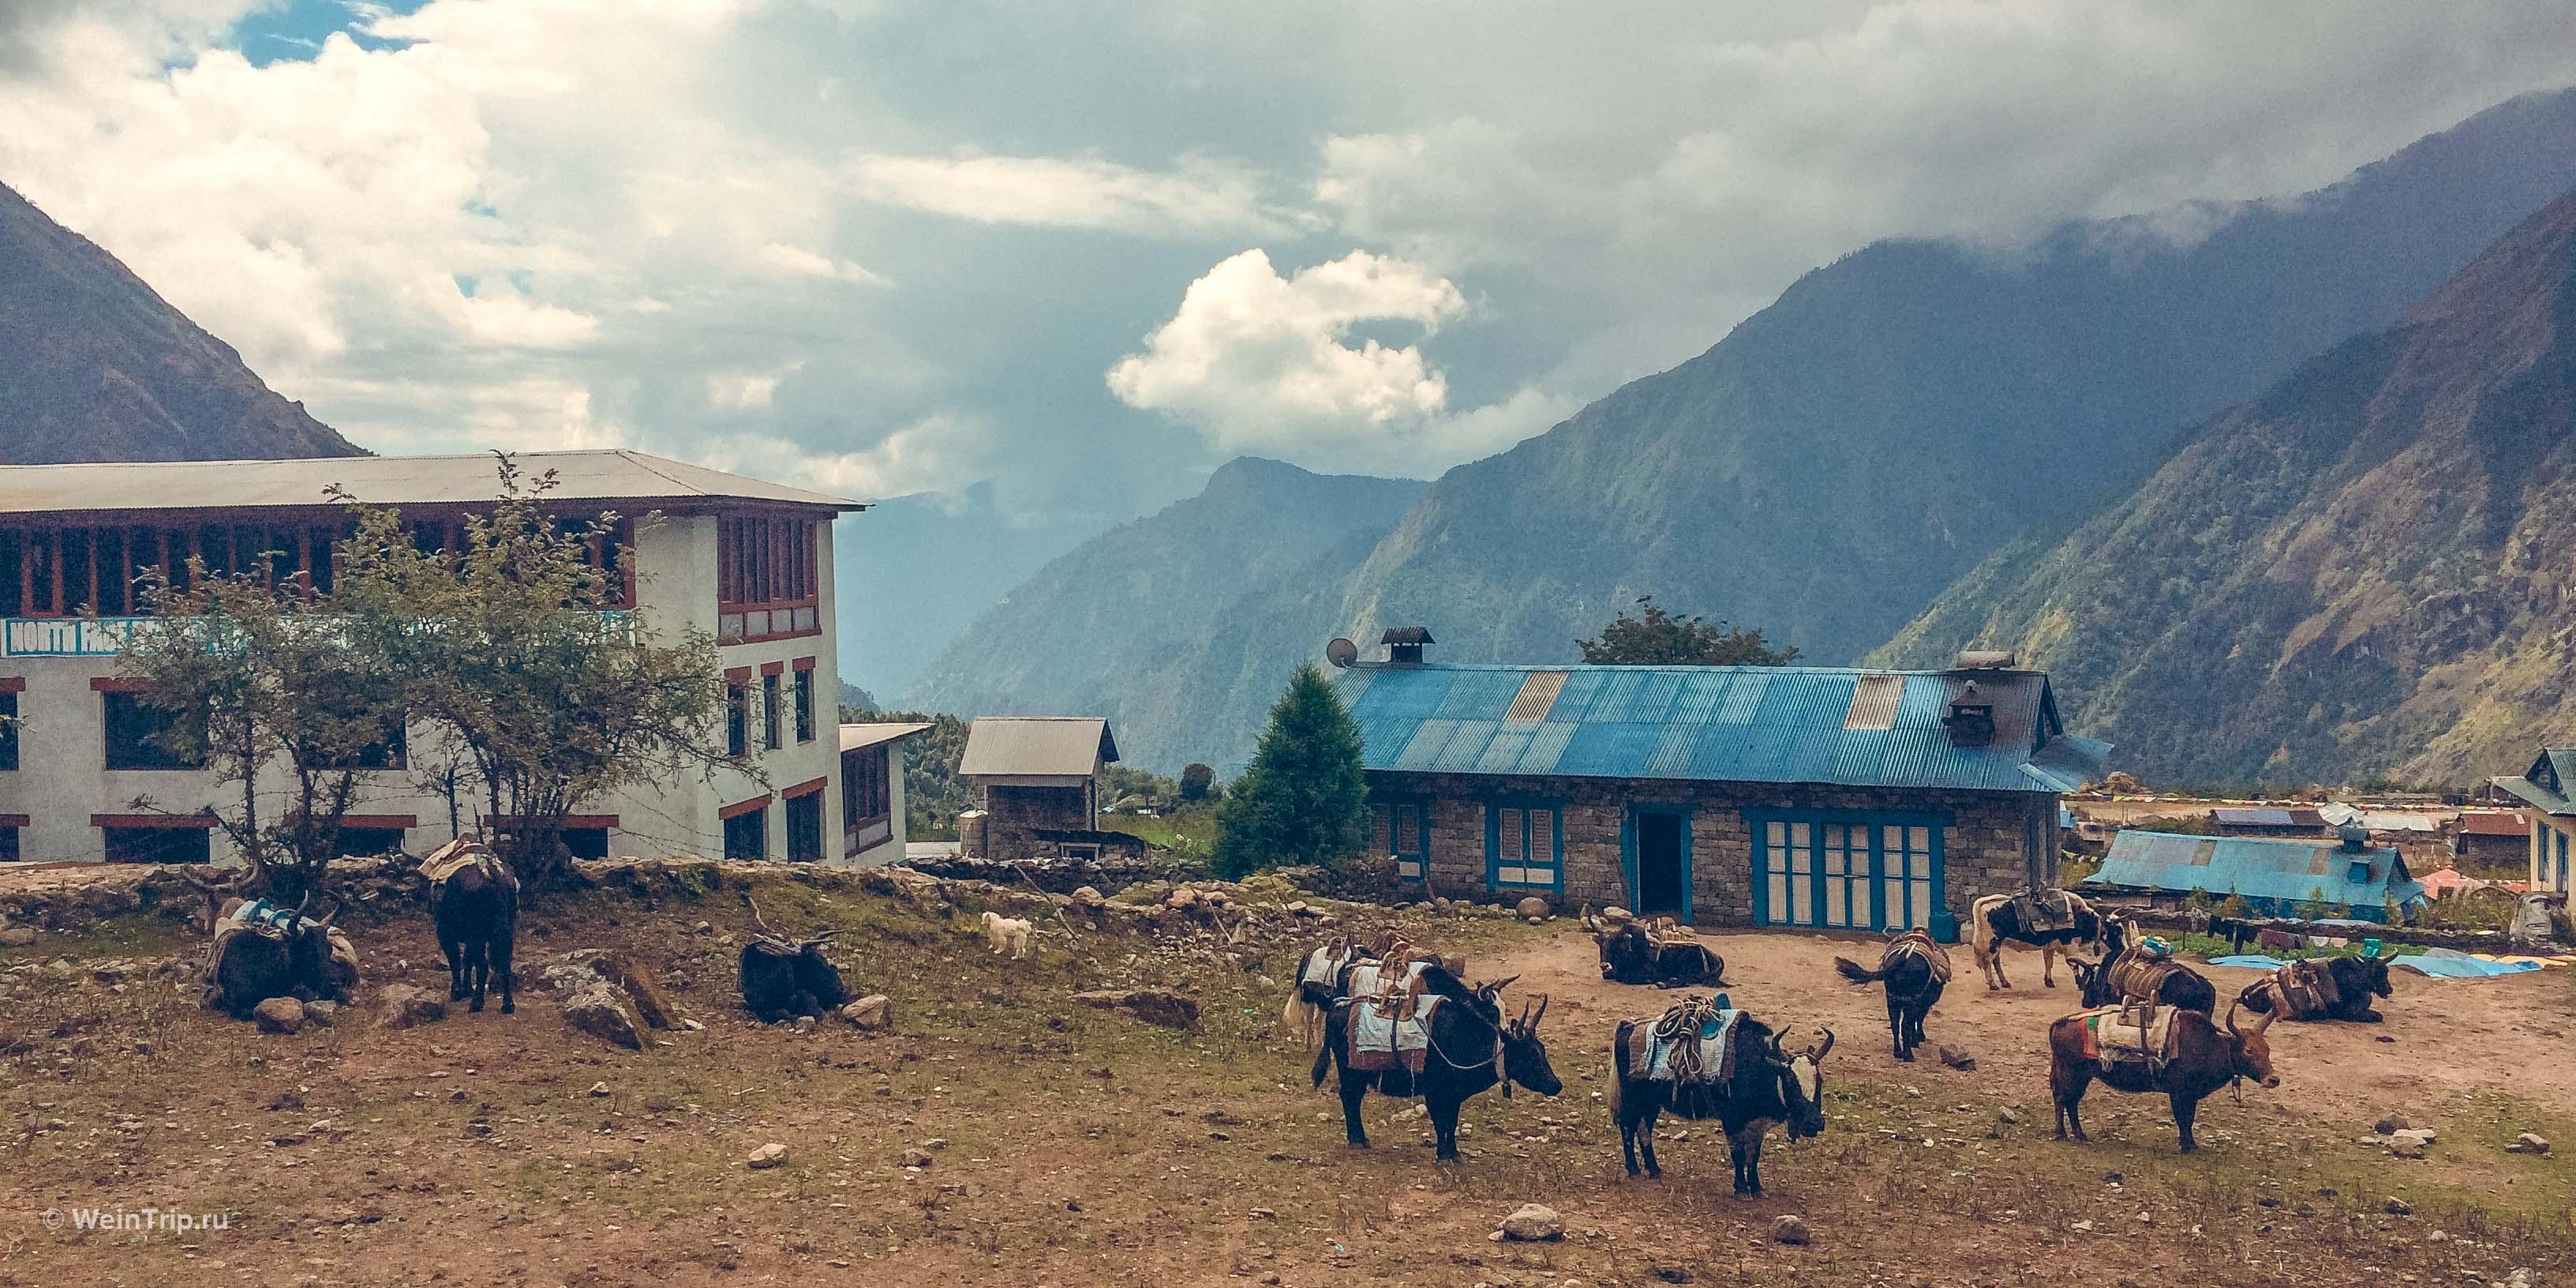 Начало пути. Треккинг в Непале к Базовому Лагерю Эвереста.